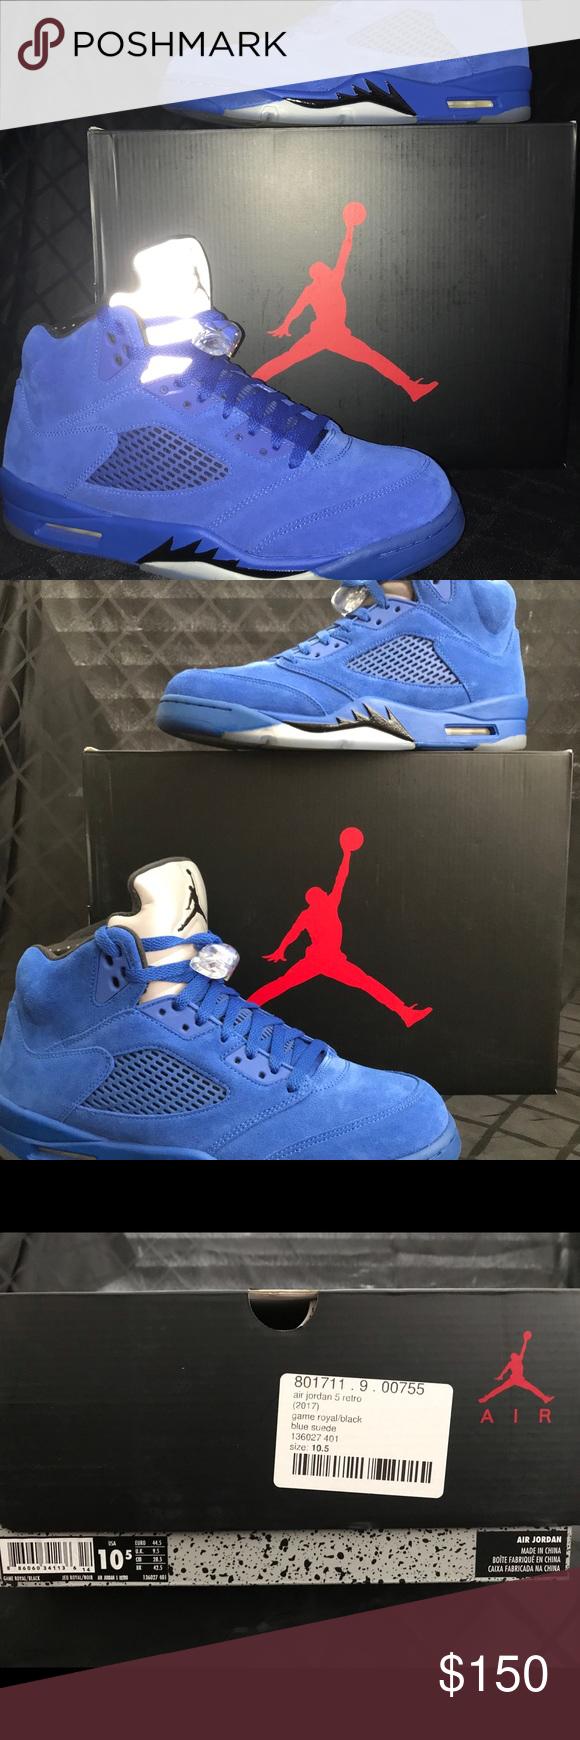 564805747754ae Men s Air Jordan Sneakers AIR JORDAN 5 RETRO